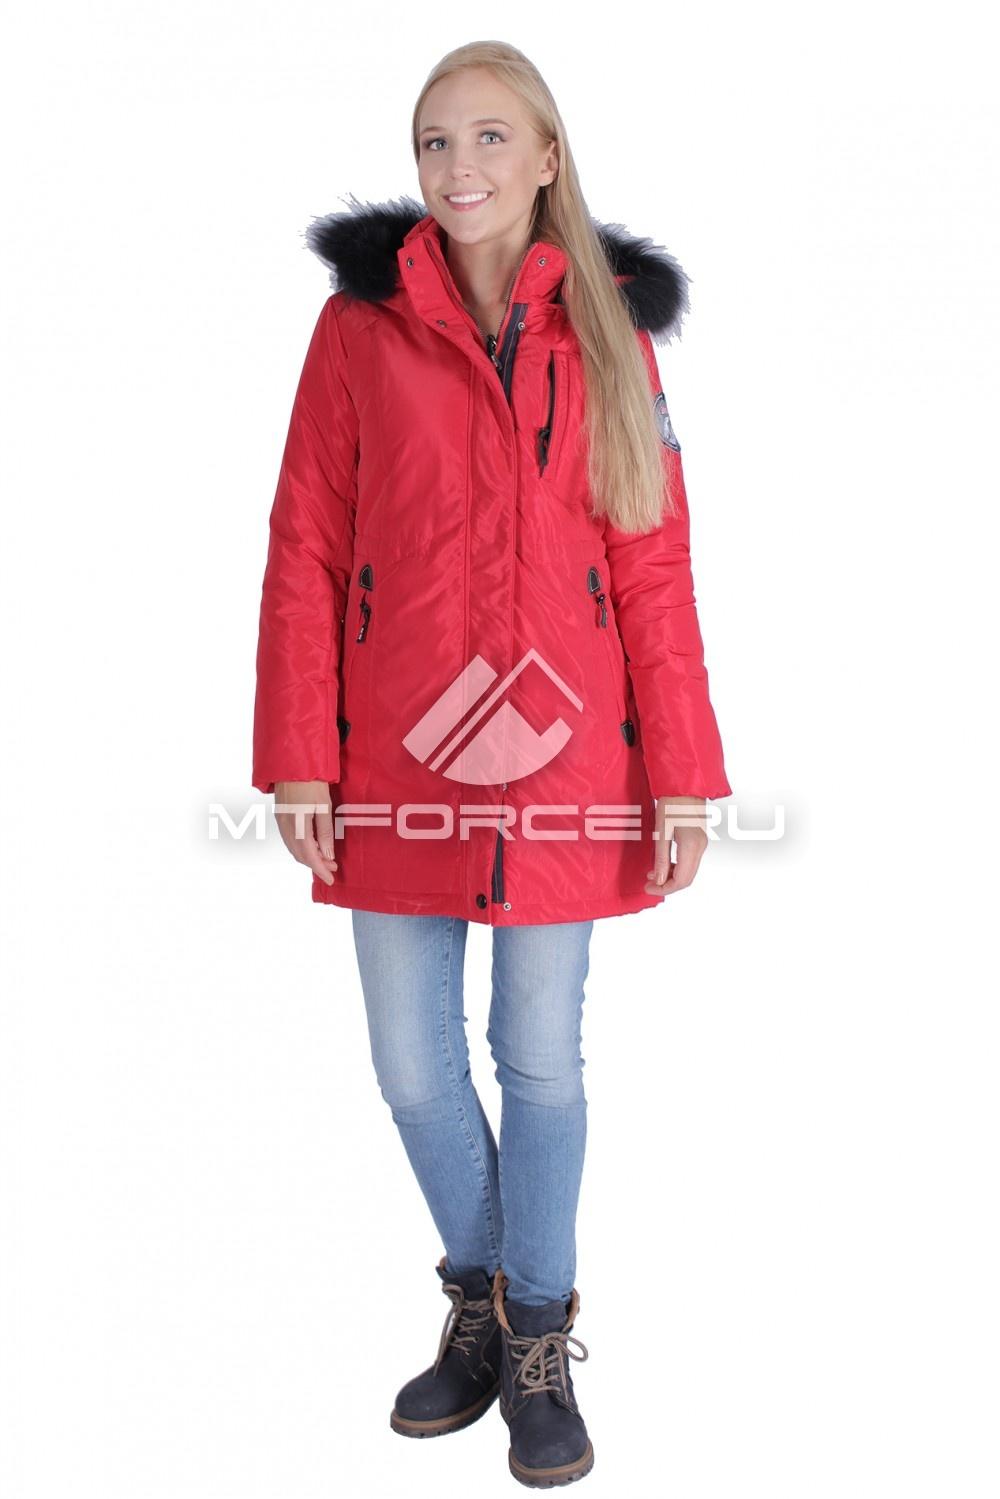 Купить                                  оптом Итальянская куртка женская красного цвета 1690Kr